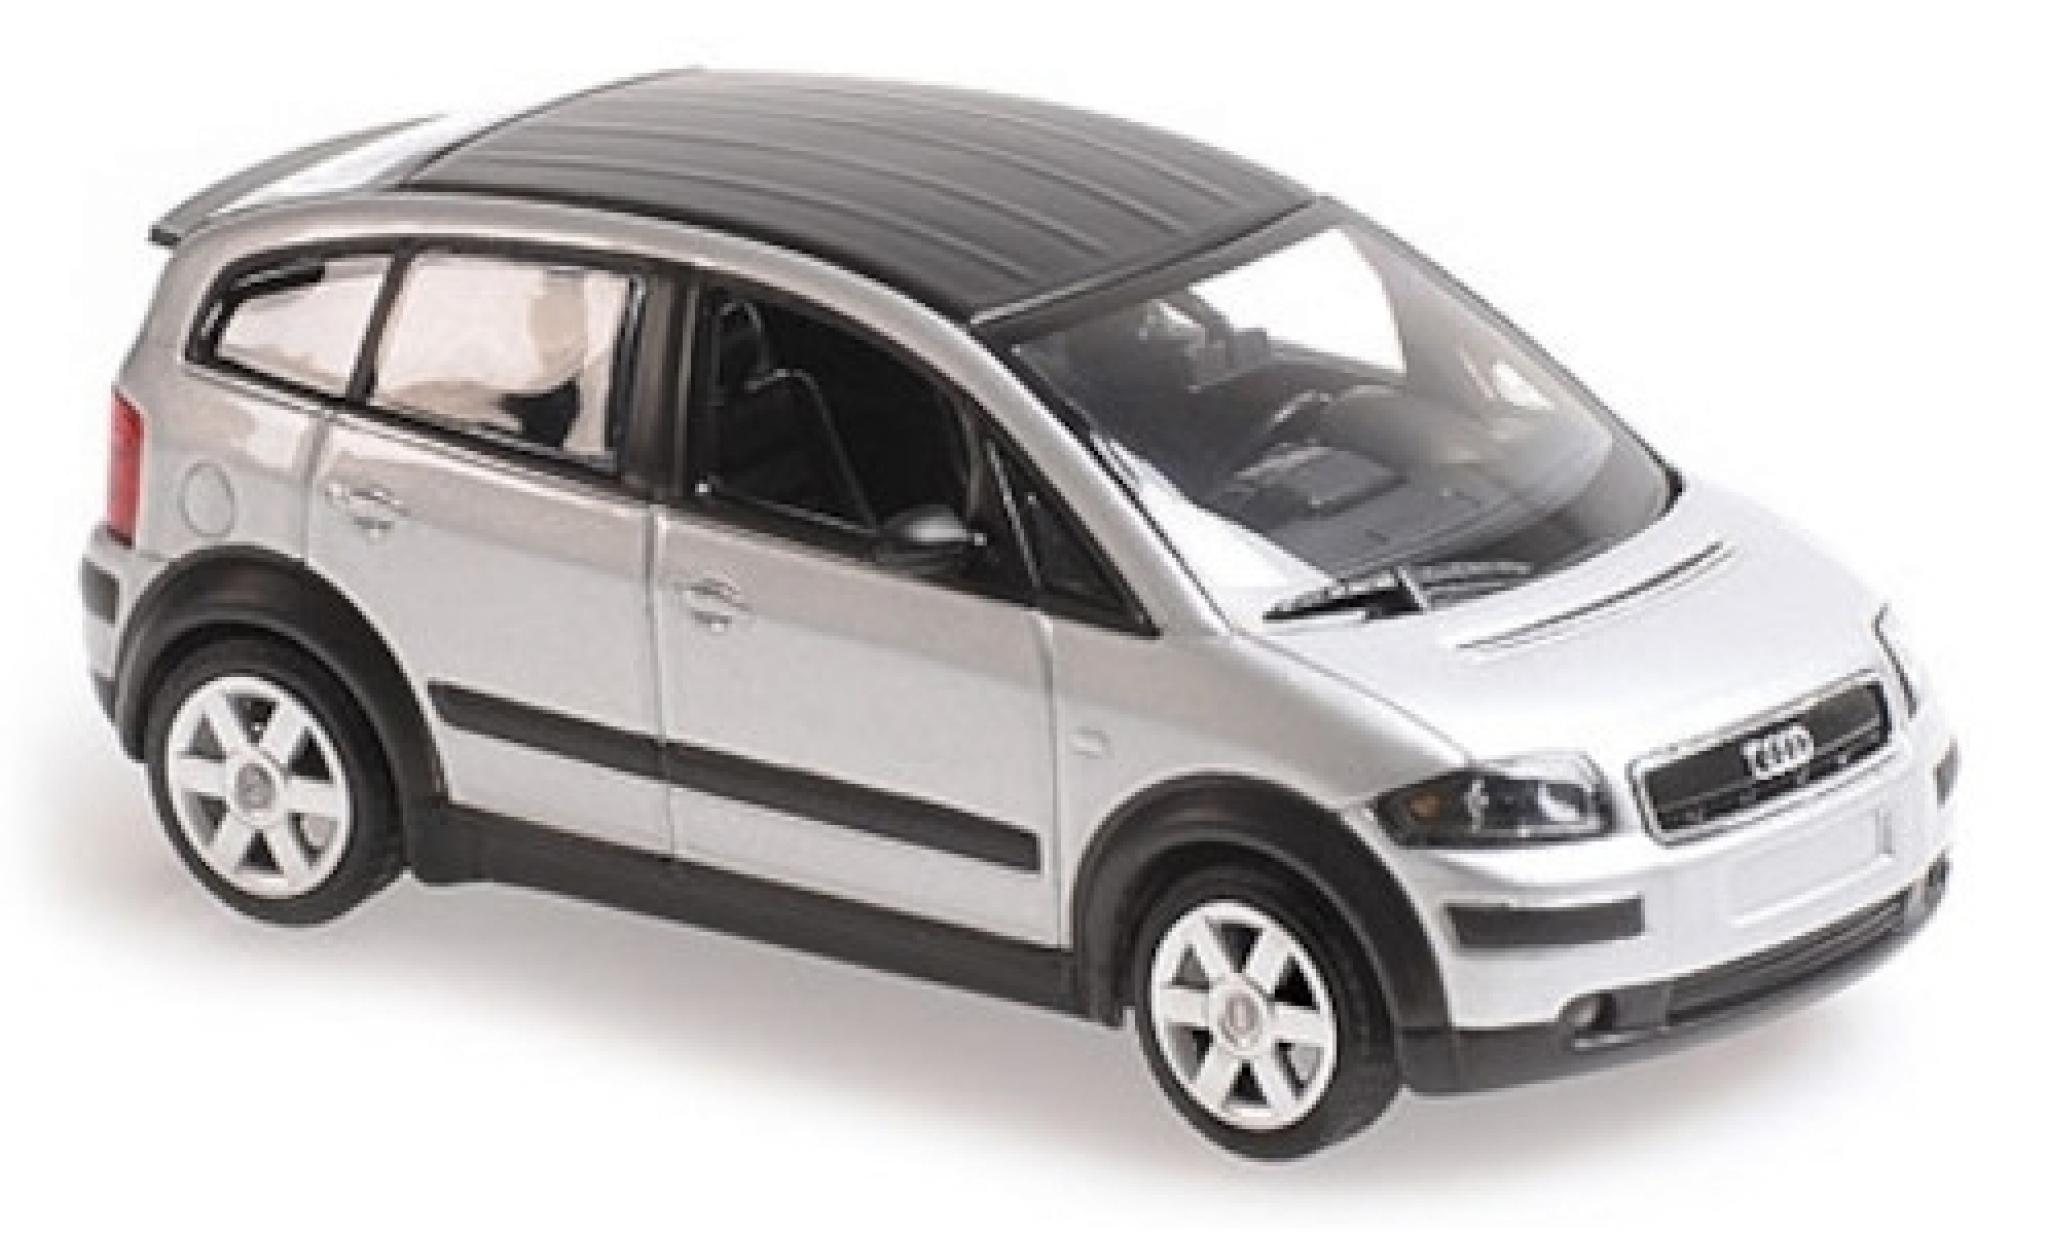 Audi A2 1/43 Maxichamps grey/matt-black 2000